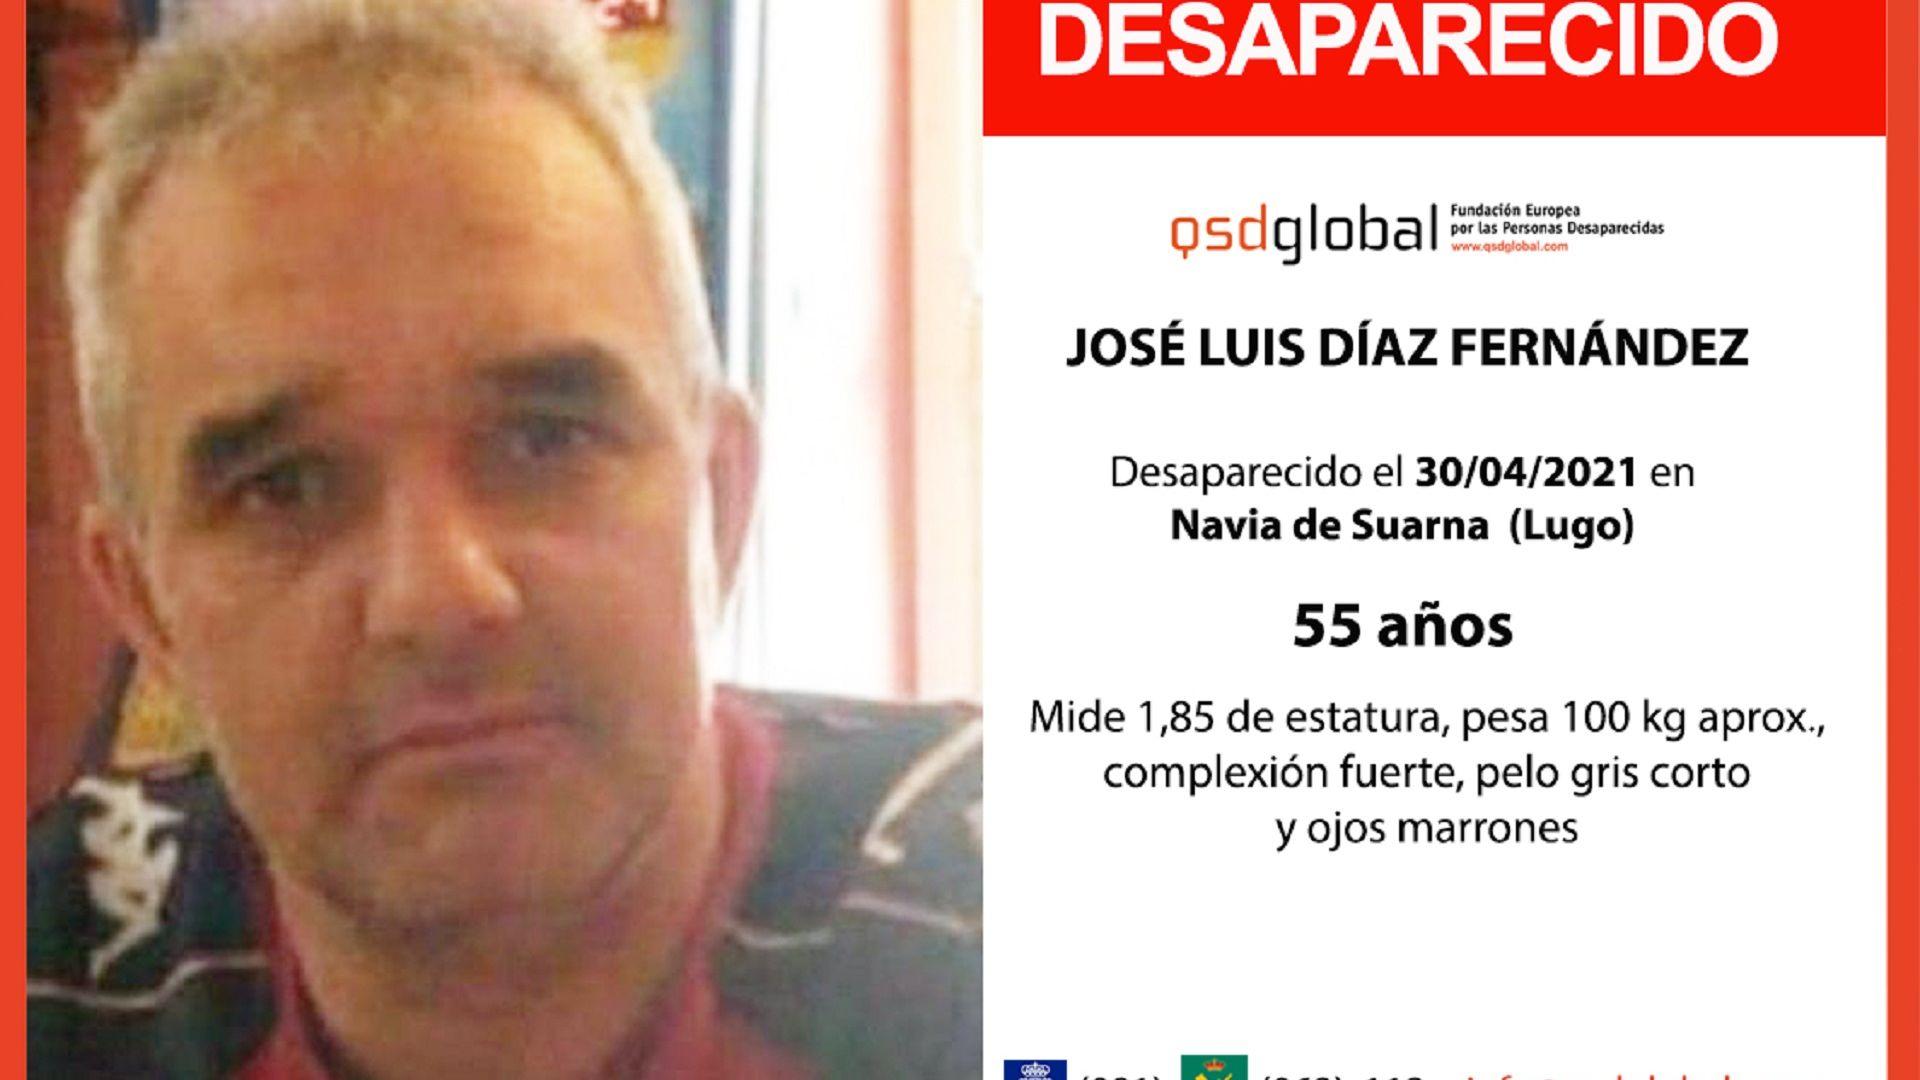 Vecino Navia de Suarna desaparecido desde abril